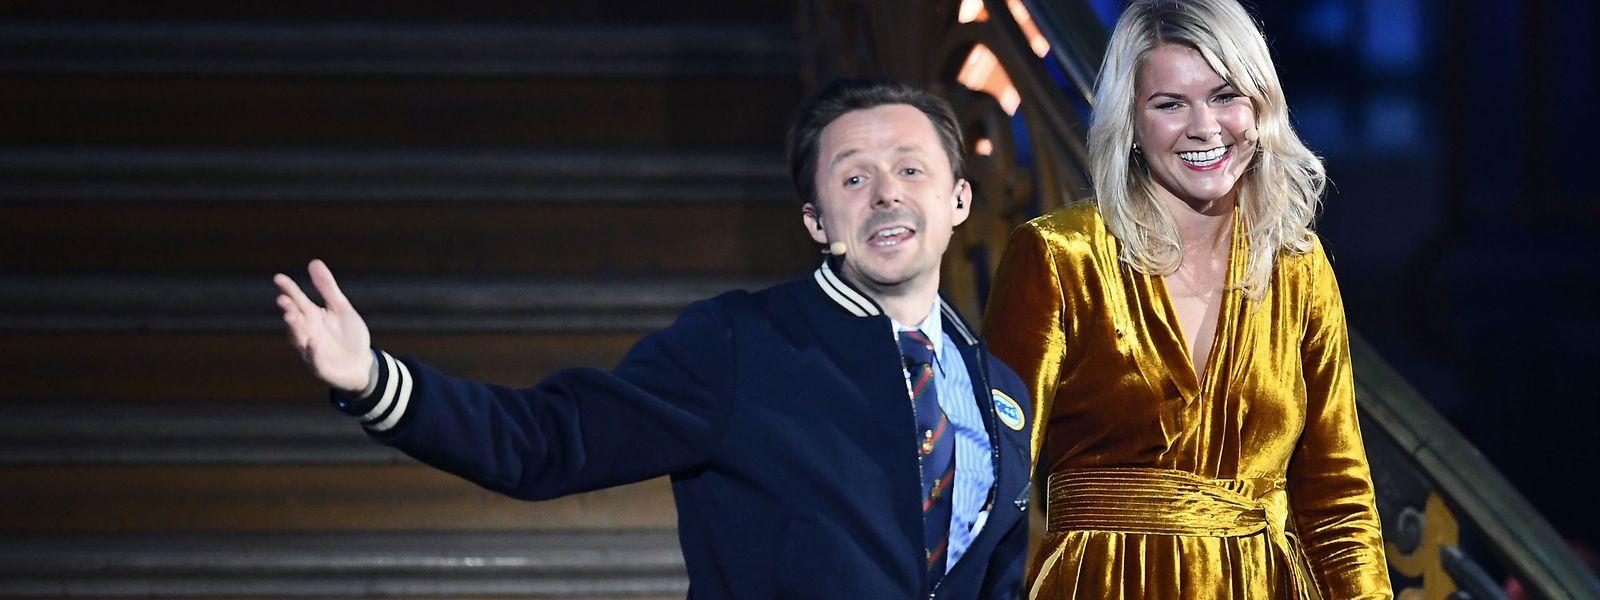 Ada Hegerberg bei der Verleihung mit Moderator und DJ Martin Solveig.